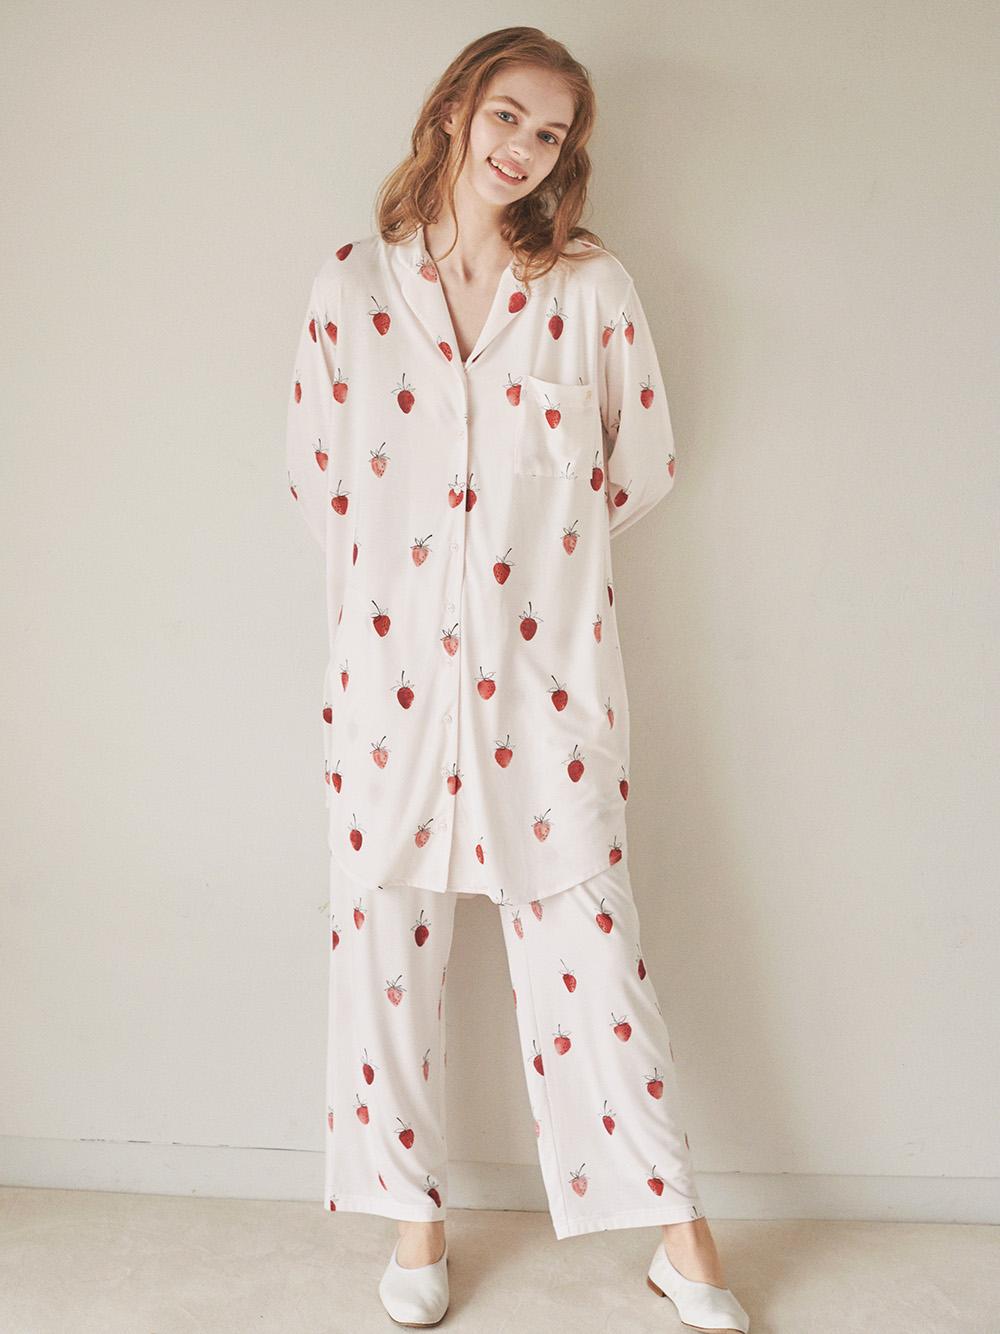 ストロベリーモチーフシャツドレス | PWCO211227